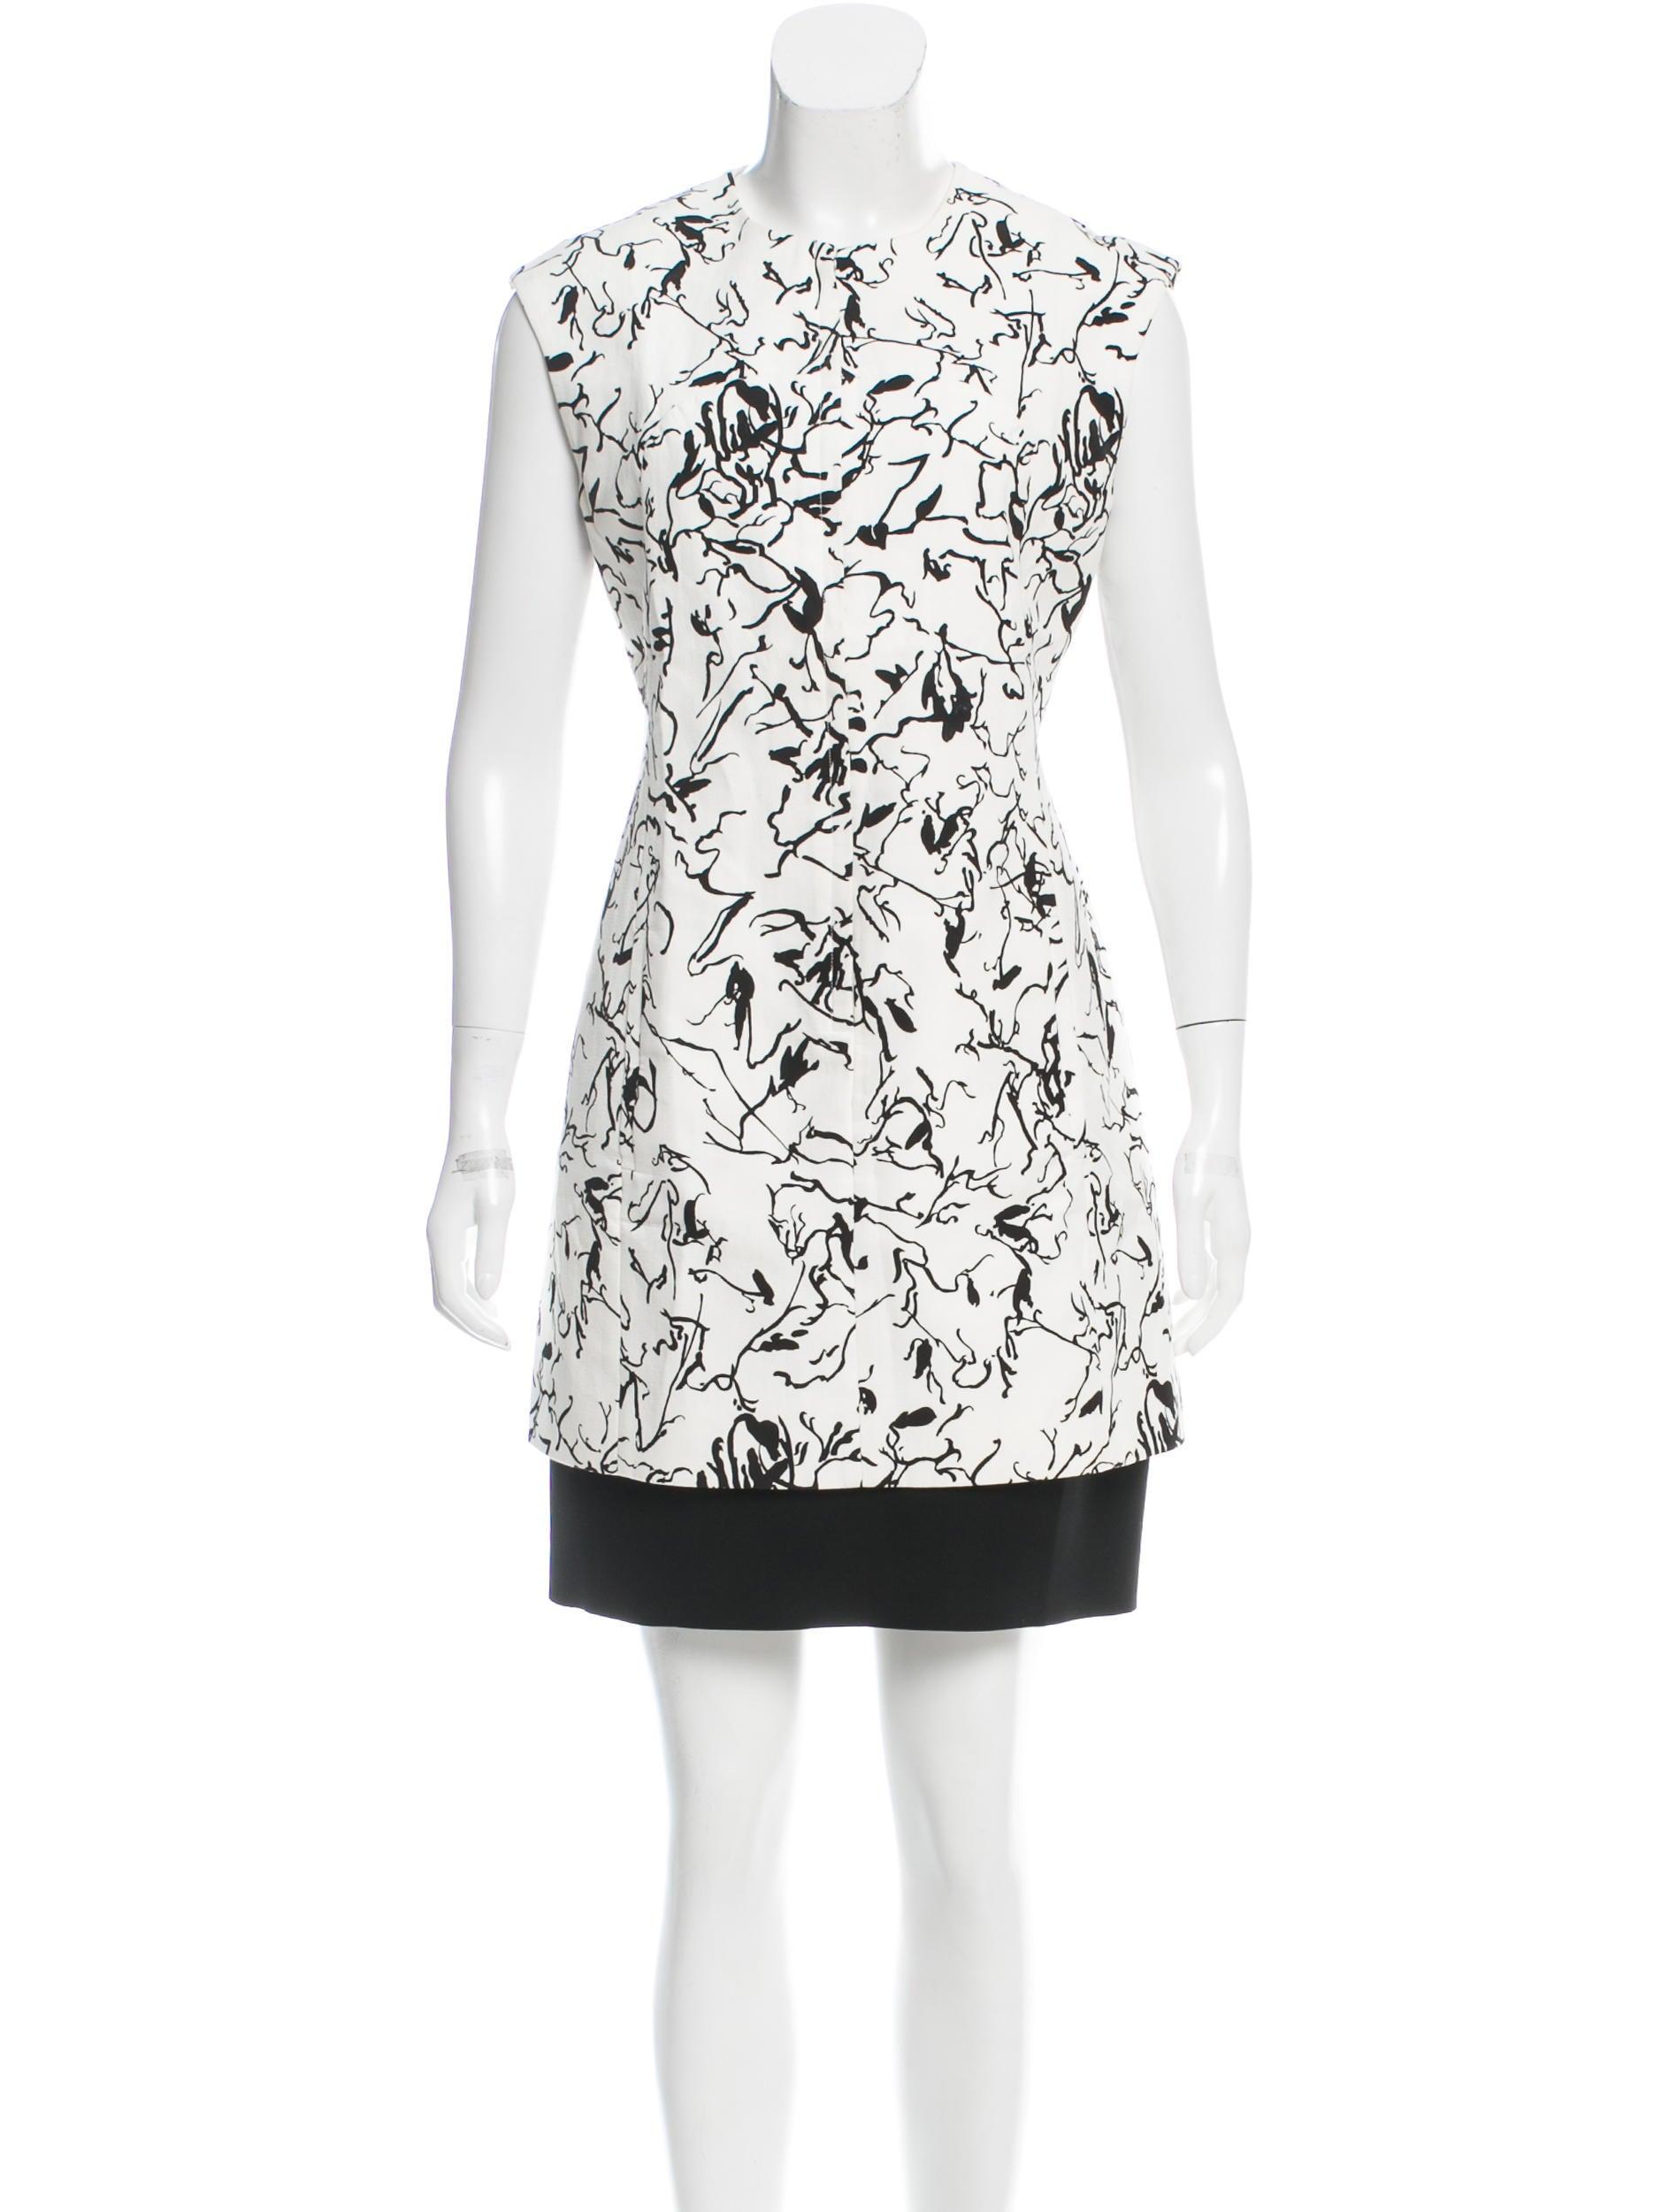 Balenciaga Marble Print Mini Dress - Clothing - BAL46078  e7061c63a0b